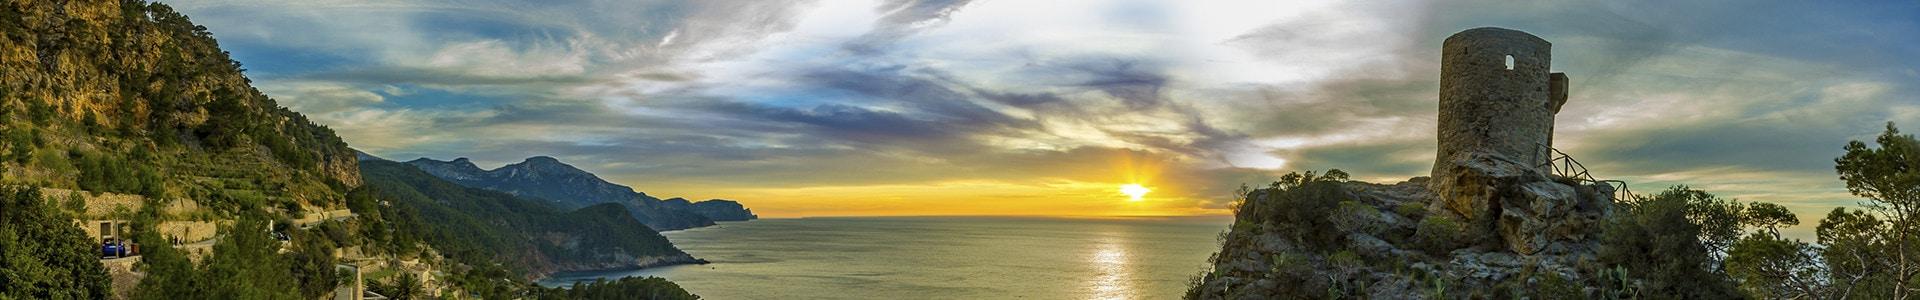 Vol Palma de Marjorque - TUI